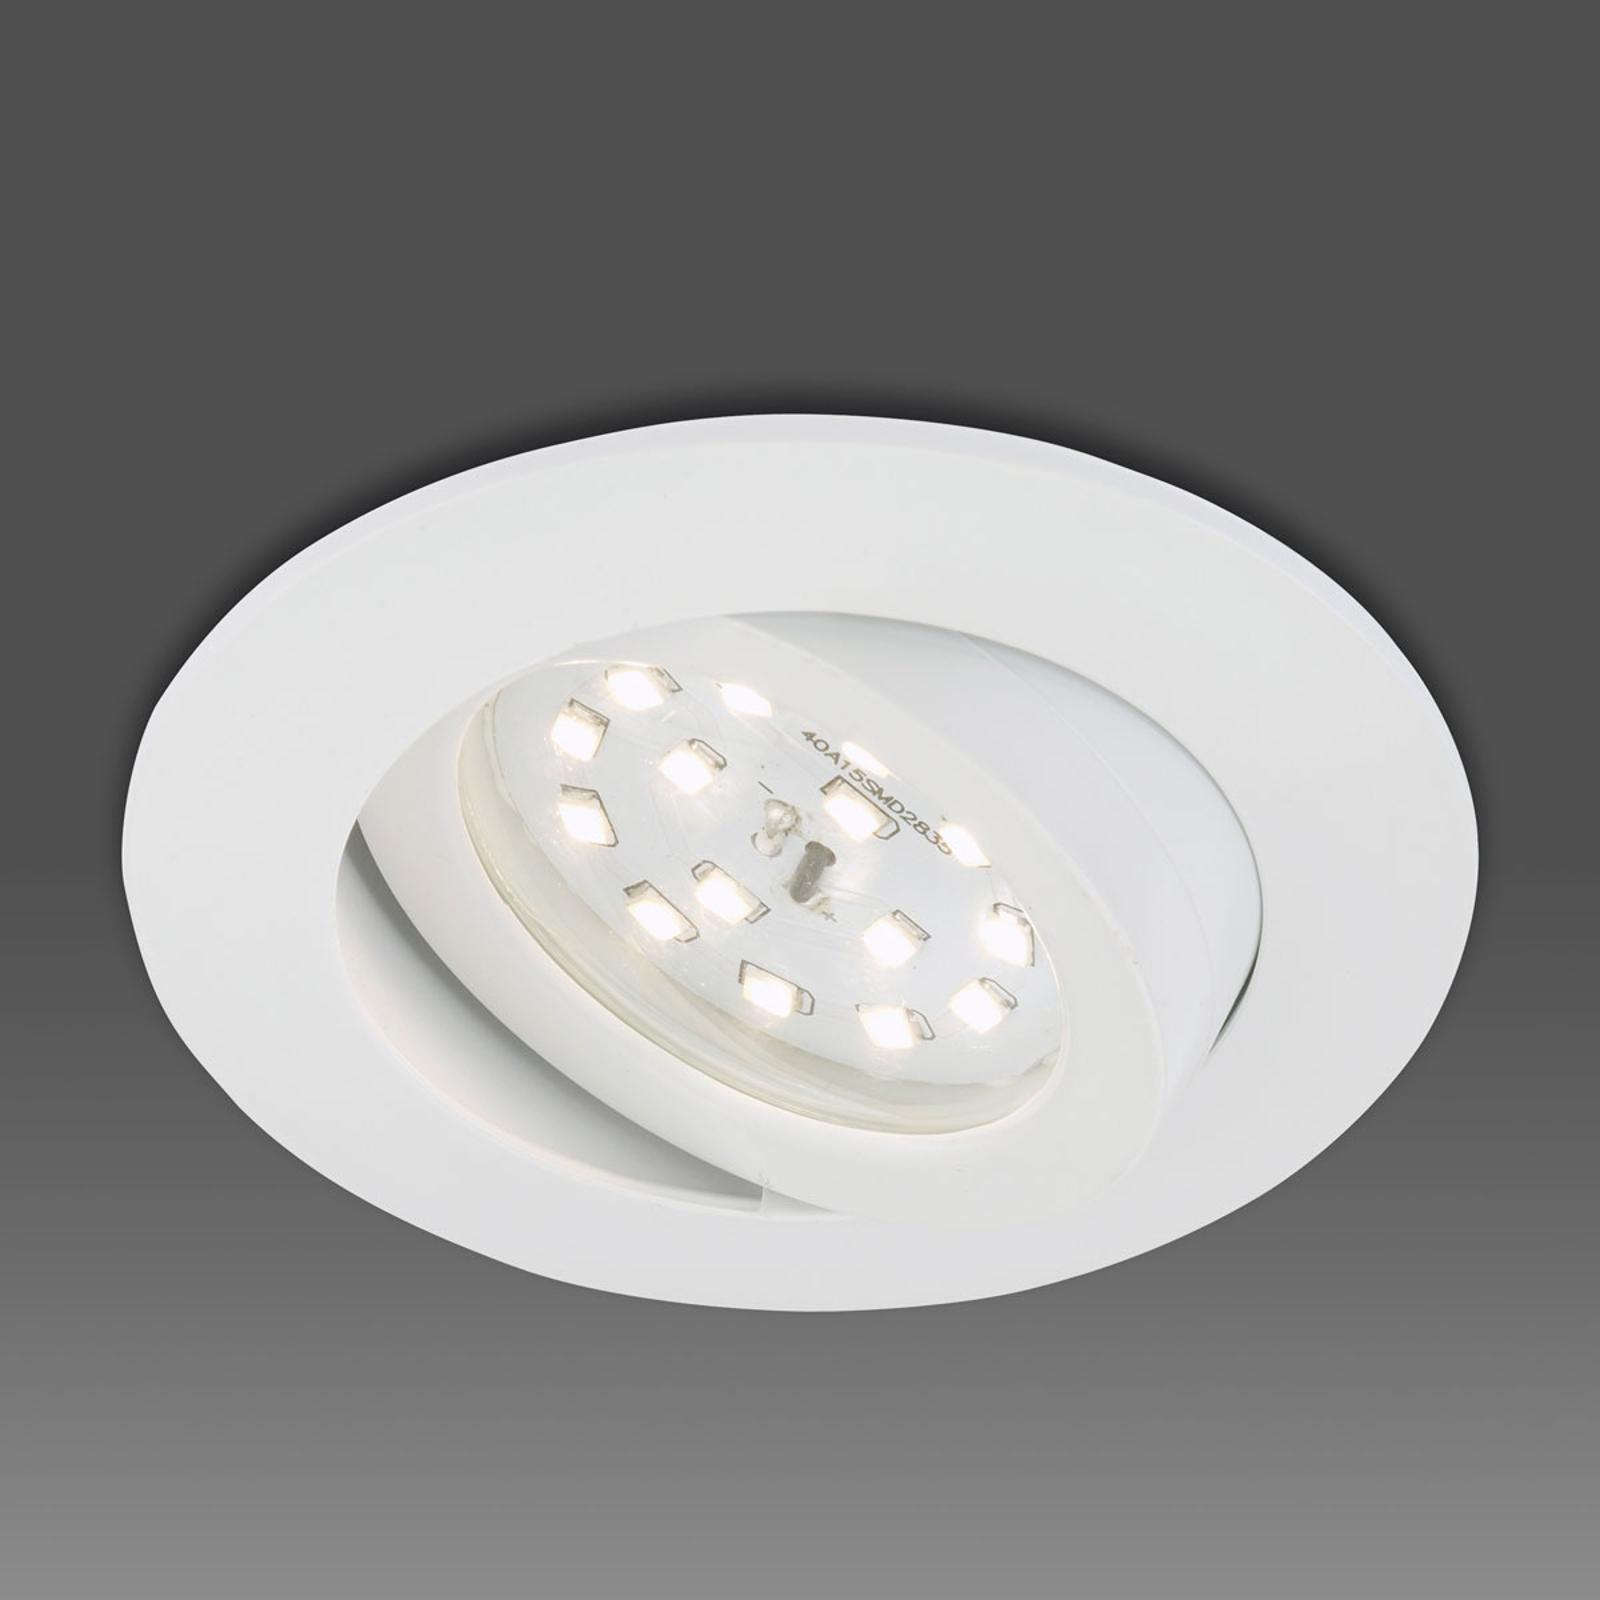 Lutbar LED-inbyggnadsspot Erik vit